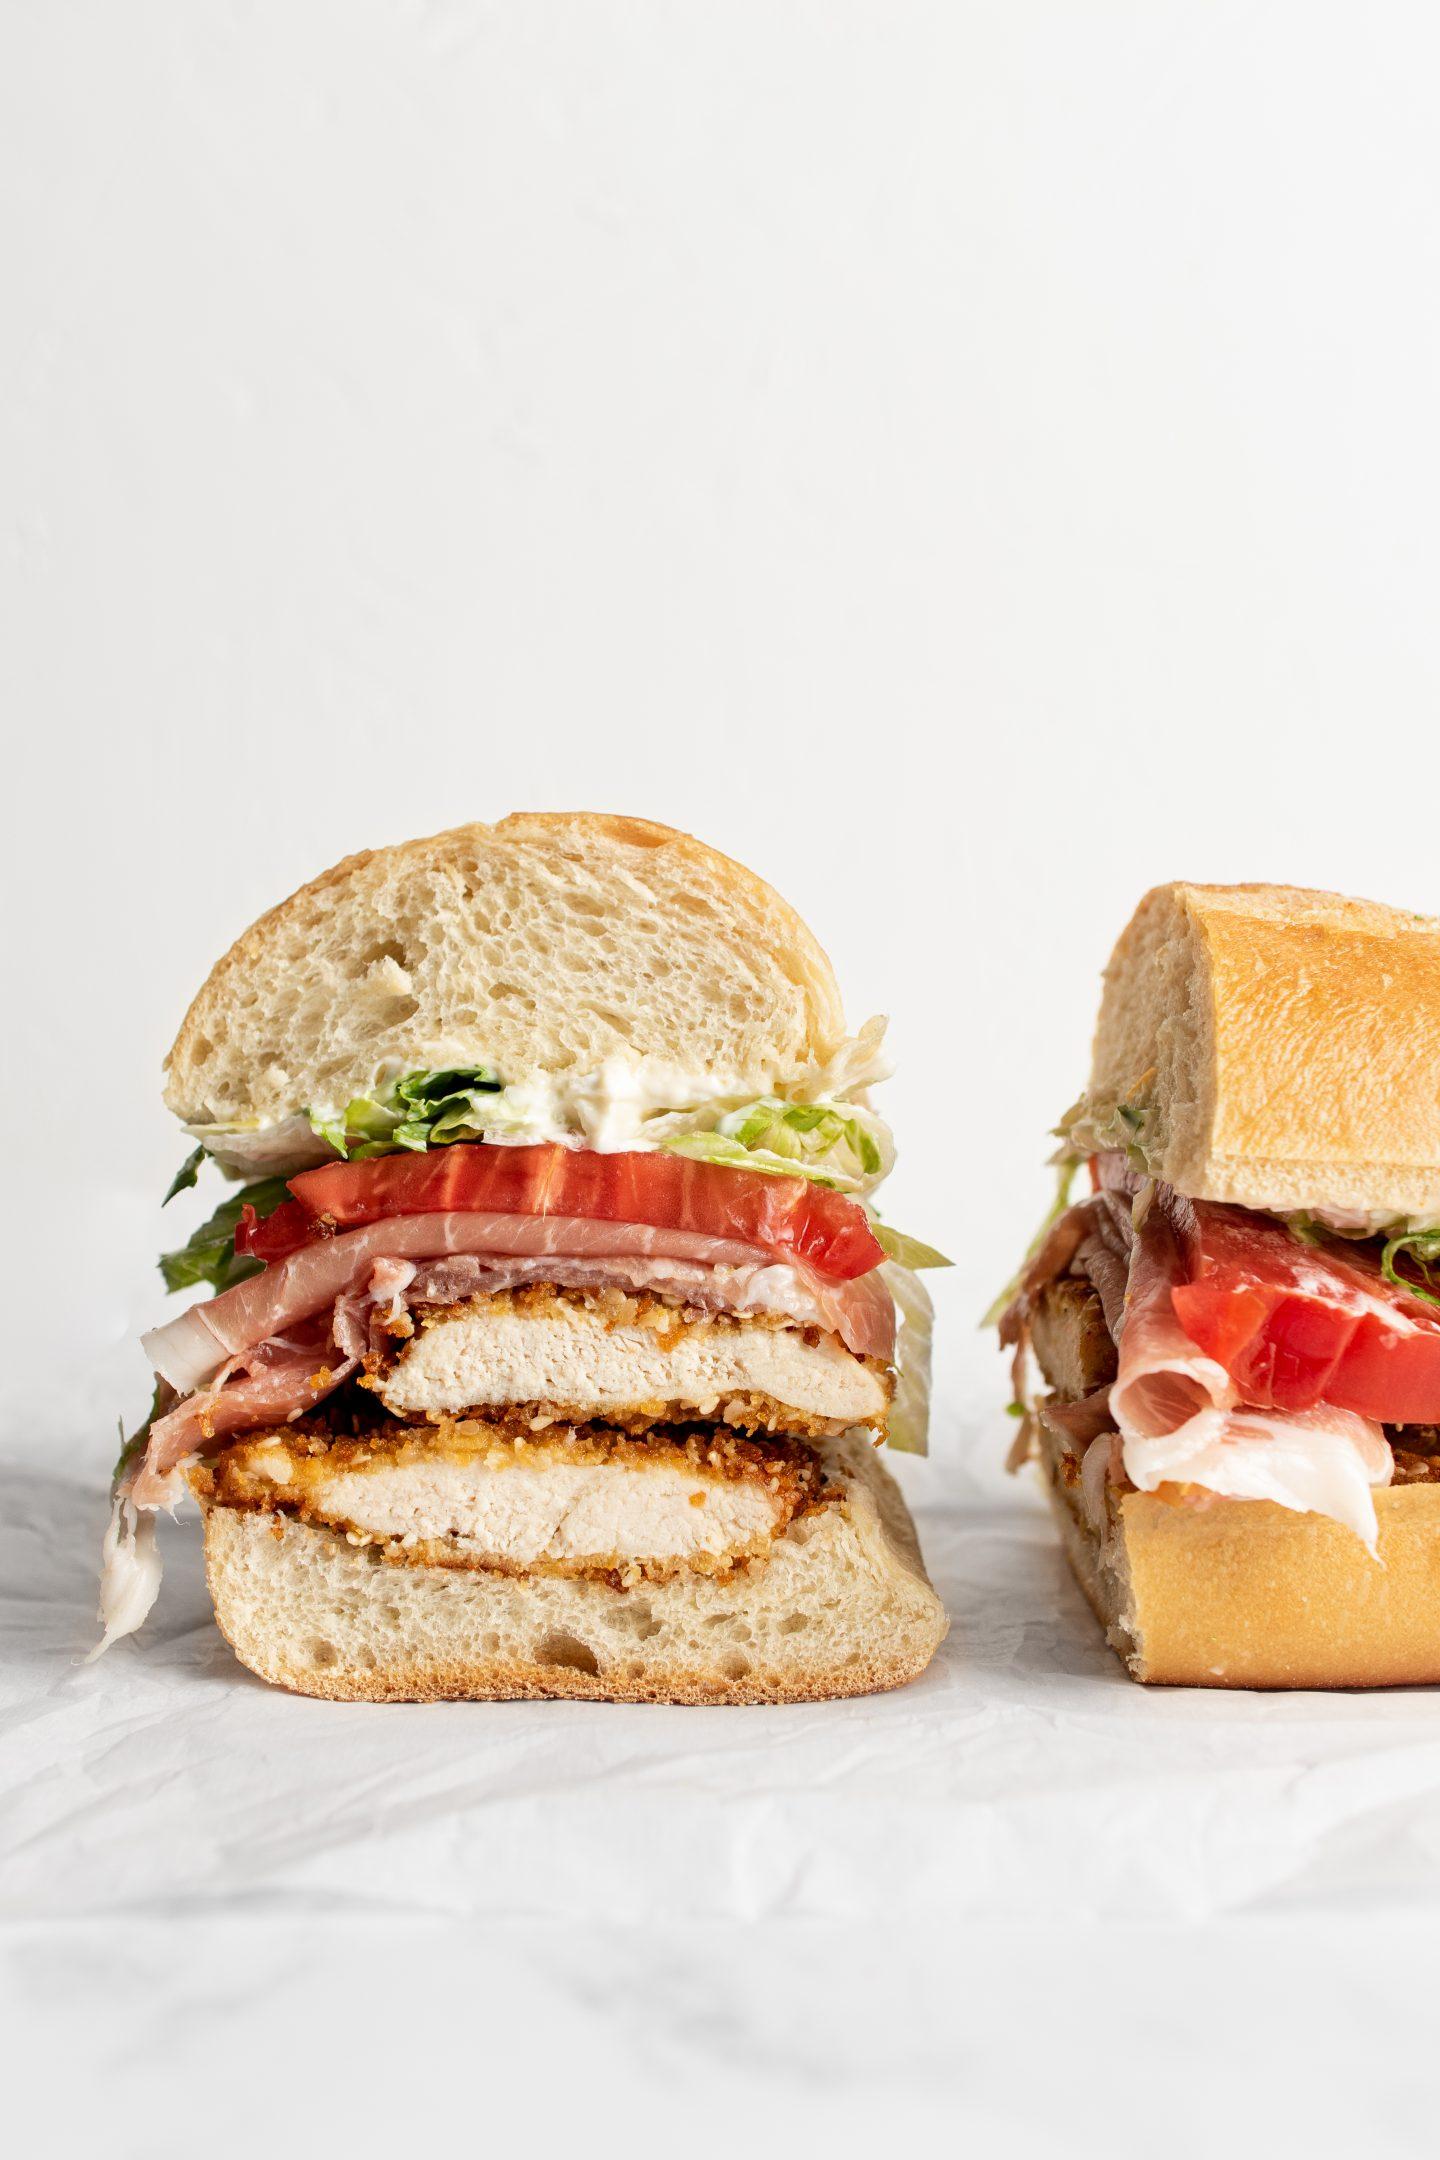 crispy sesame chicken sandwich with prosciutto, lettuce, tomato, and mayo